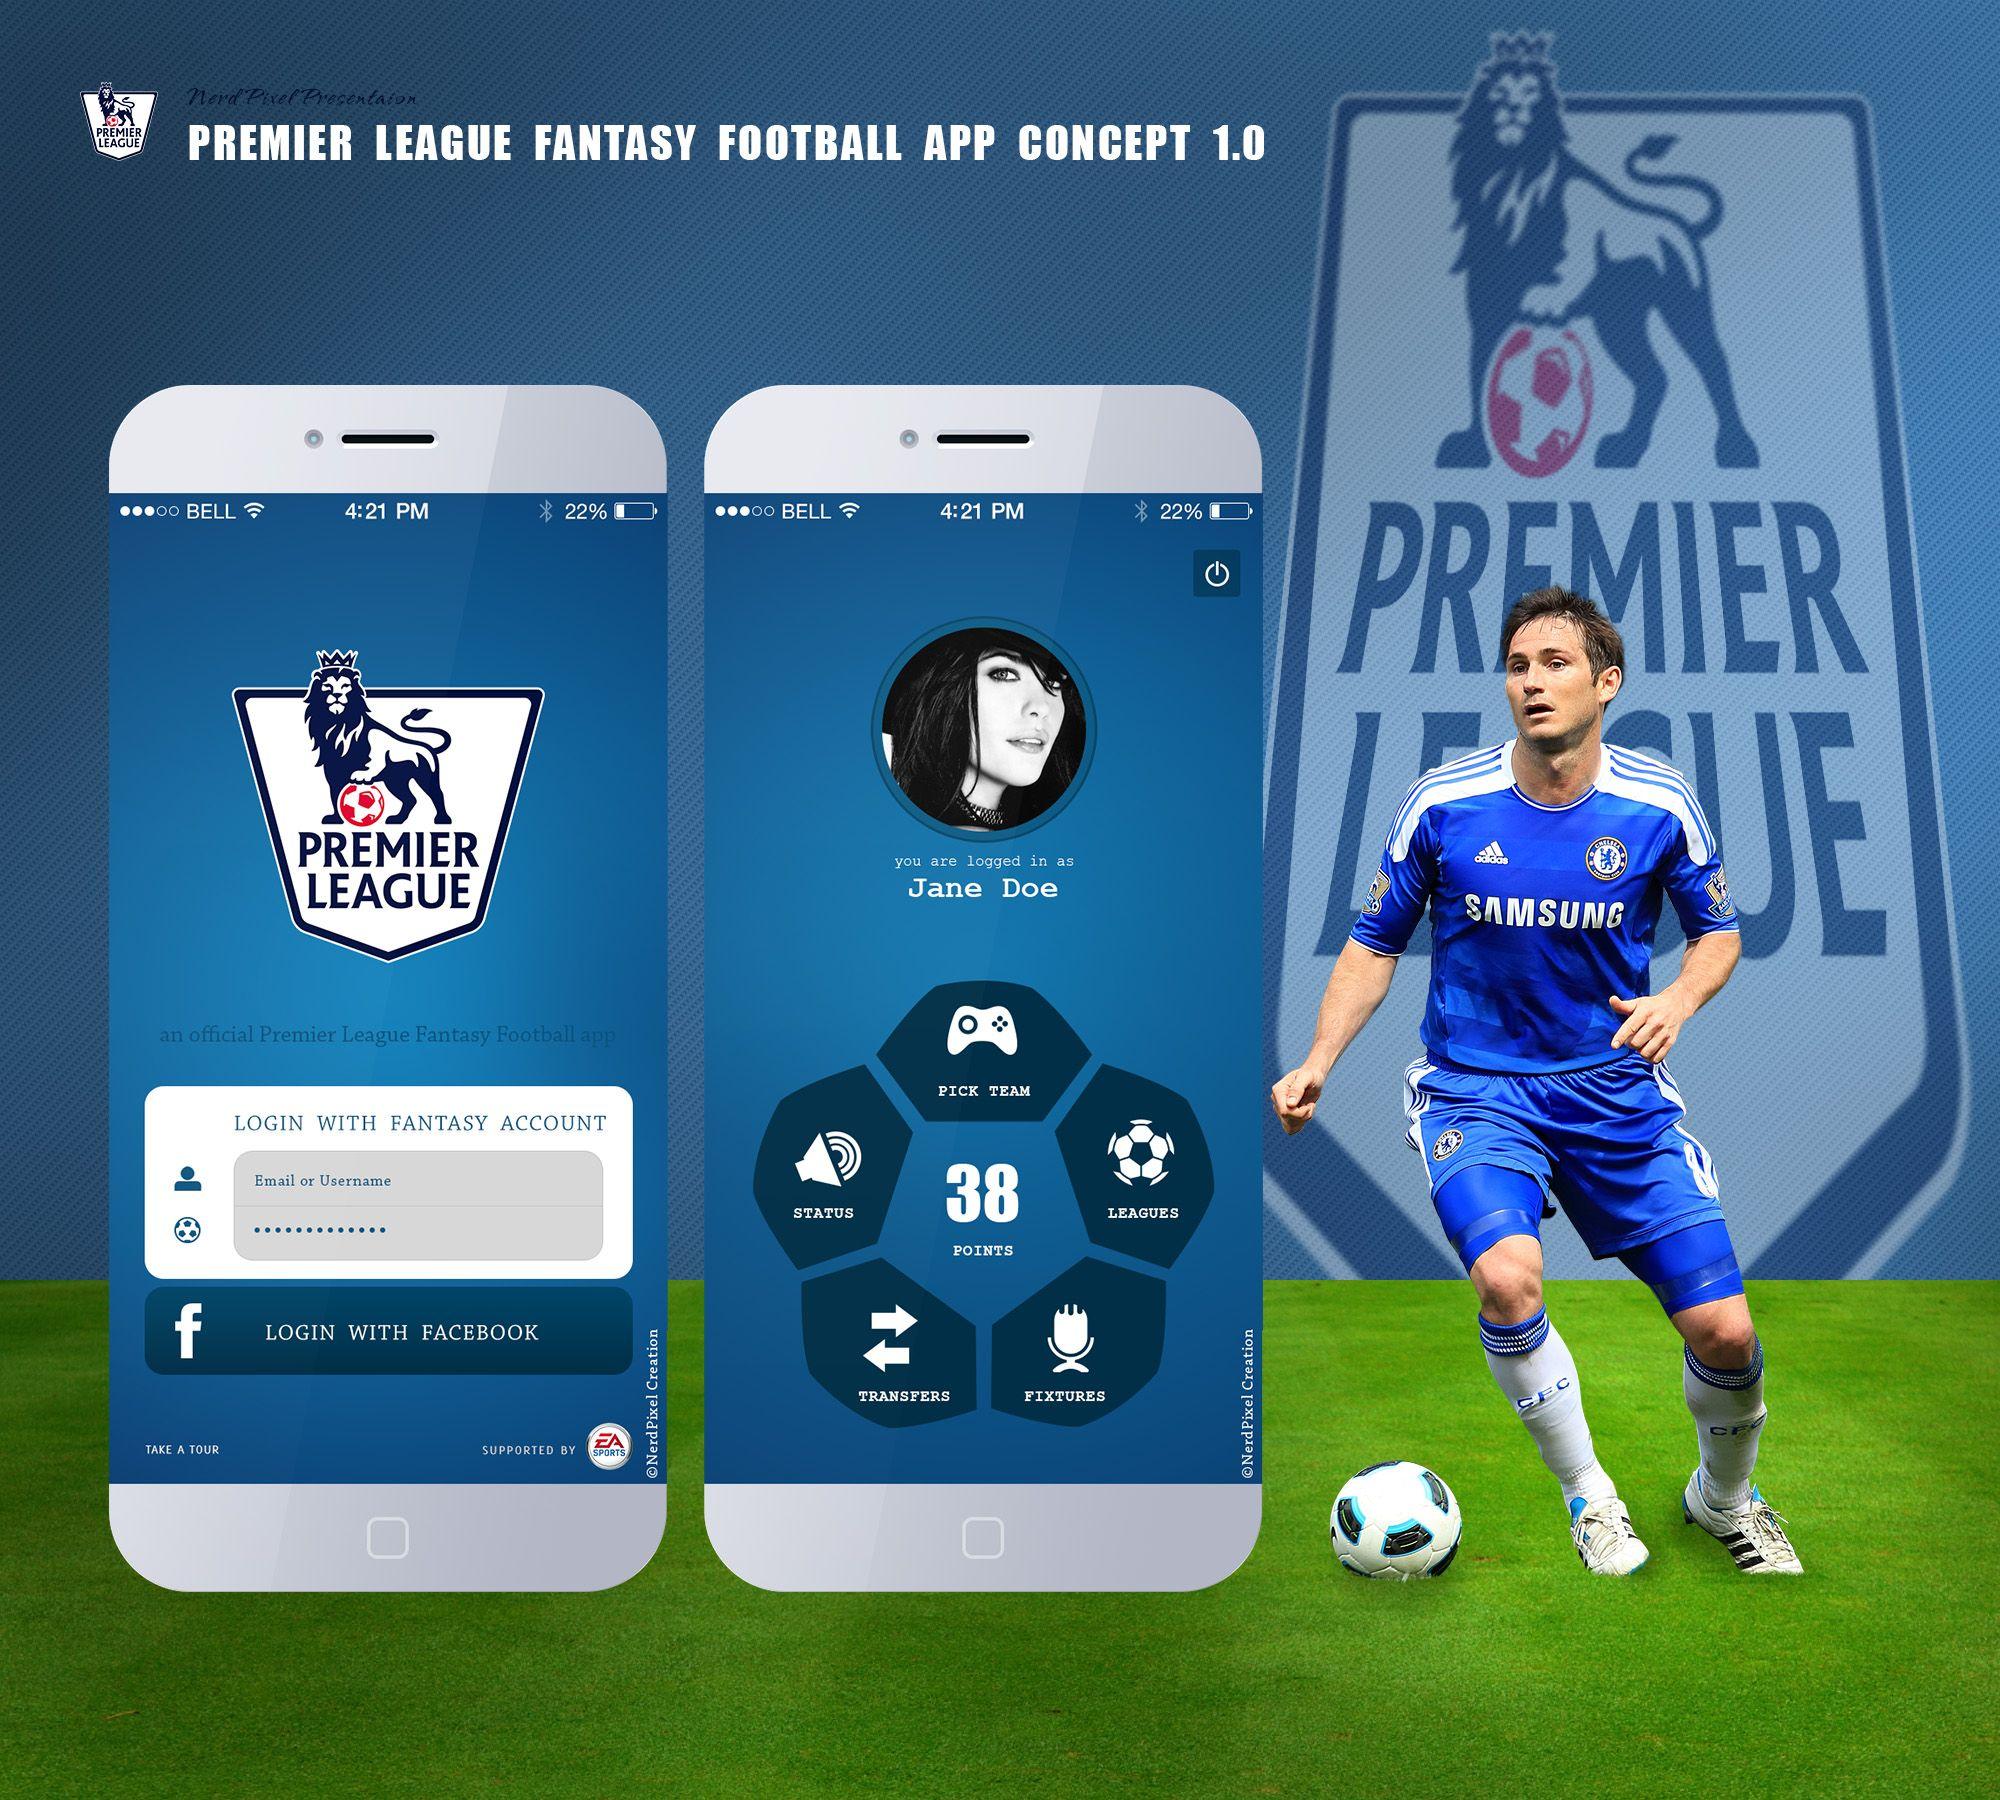 Fantasy Football Premier League App Concept 1.0 Fantasy